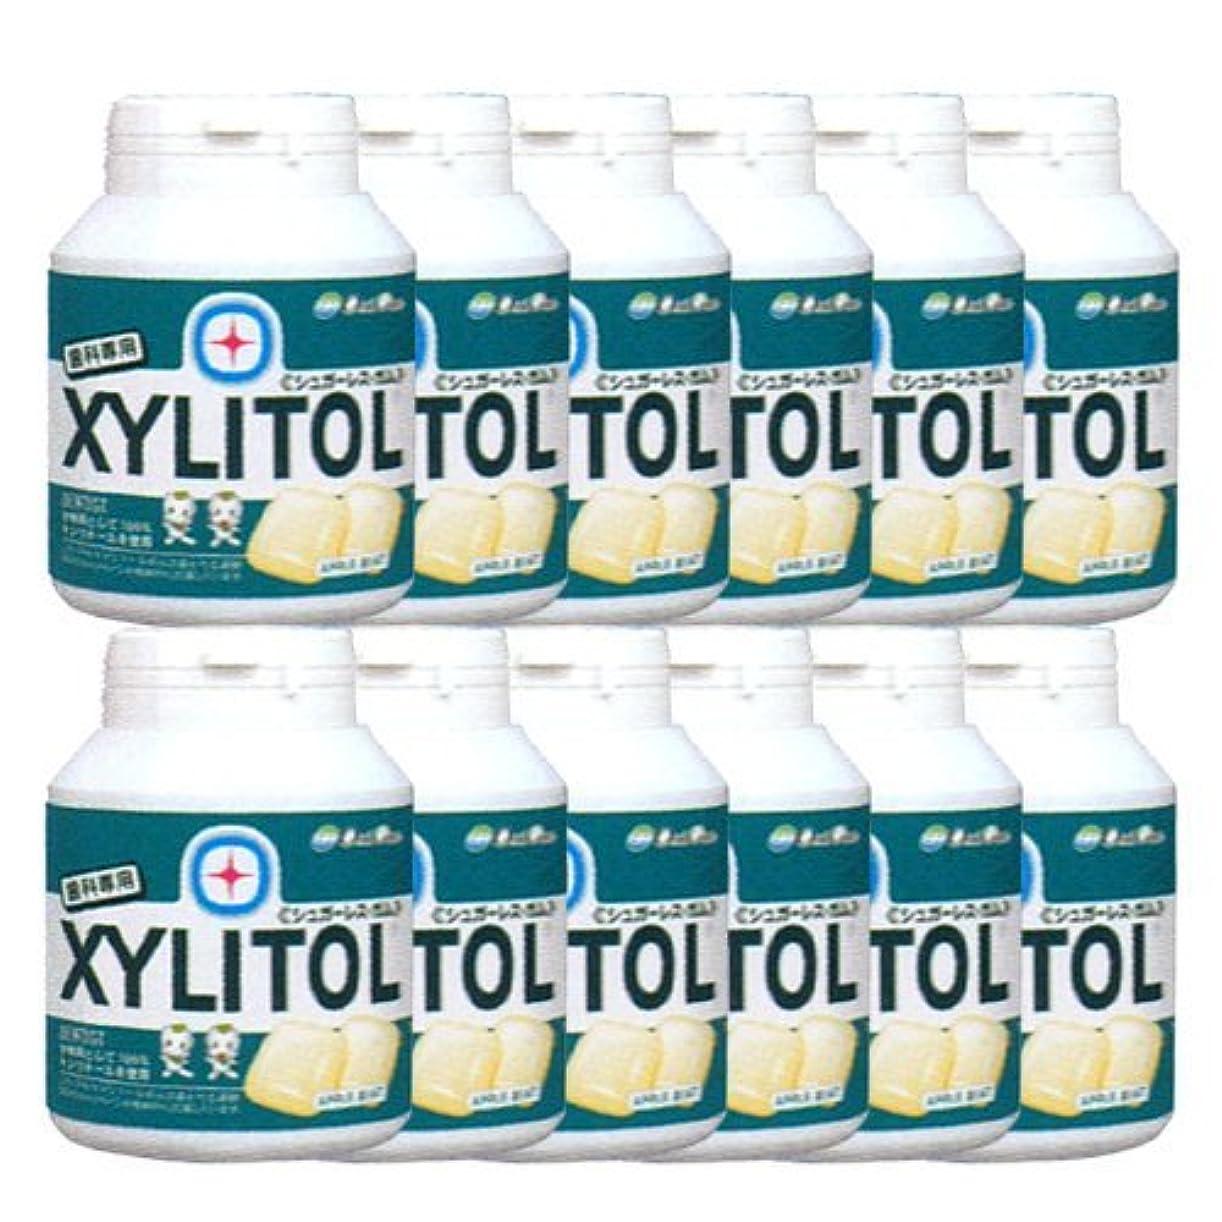 どうやら失望引退した歯科専売品 キシリトール ガム ボトル タイプ 90粒×12本 アップルミント